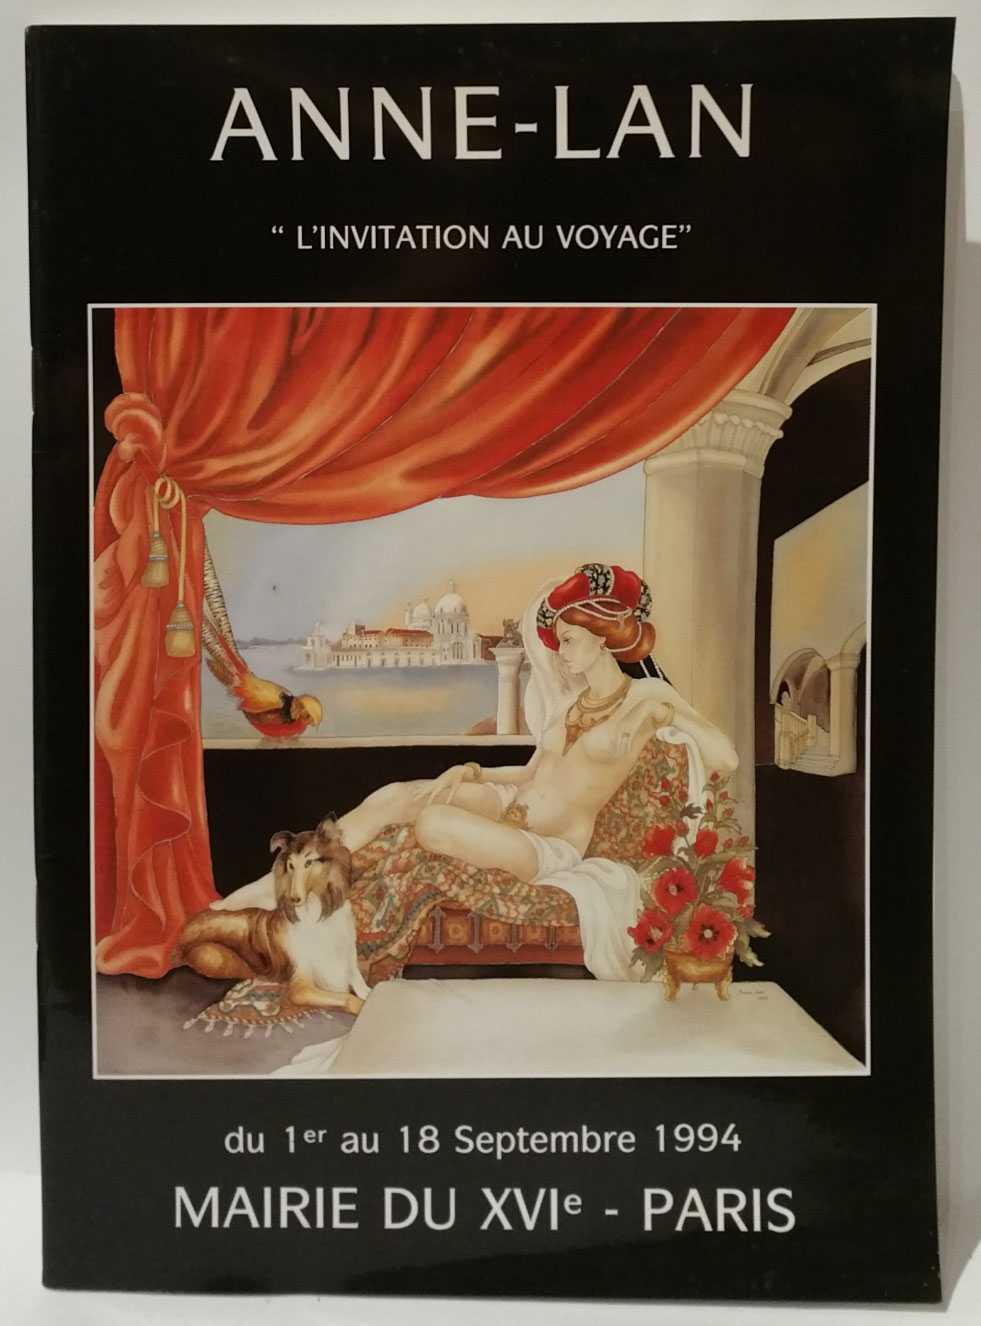 L'Invitation au Voyage: Mairie du XVIe - Paris (du 1er au 18 Septembre 1994), Anne-Lan